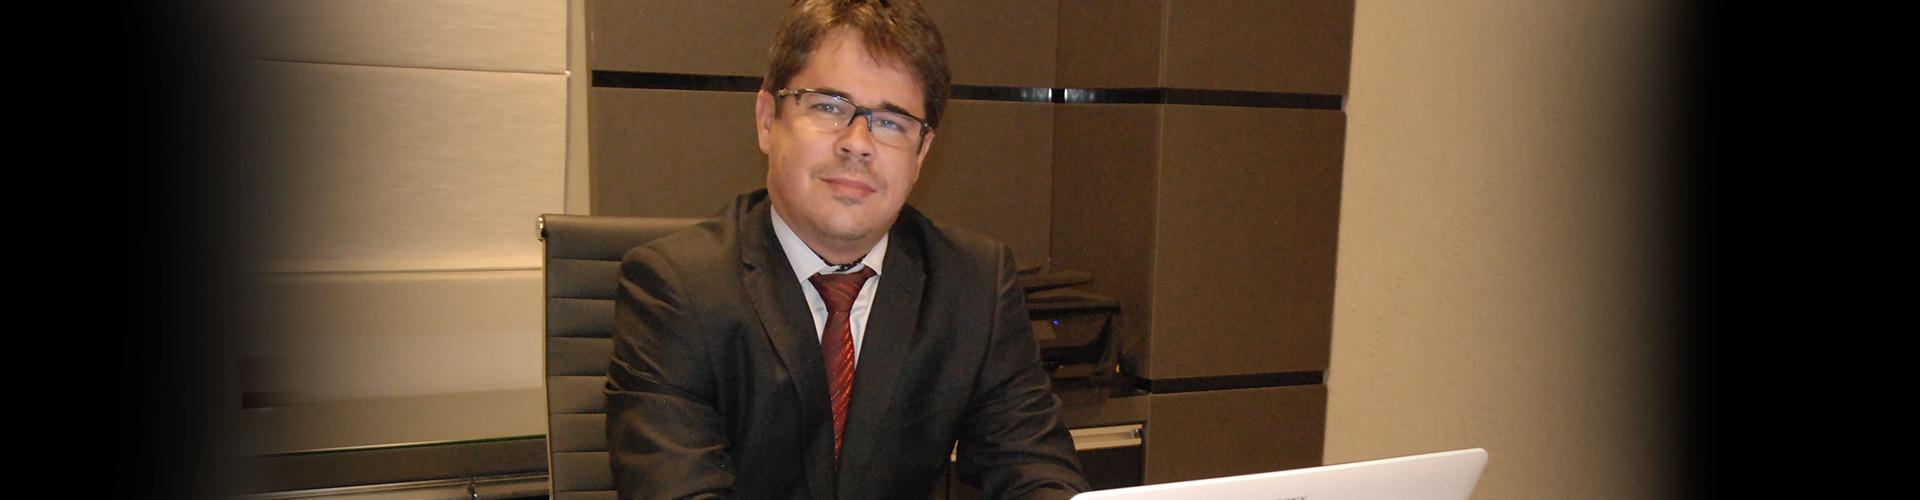 Silva e Ribeiro Advogados